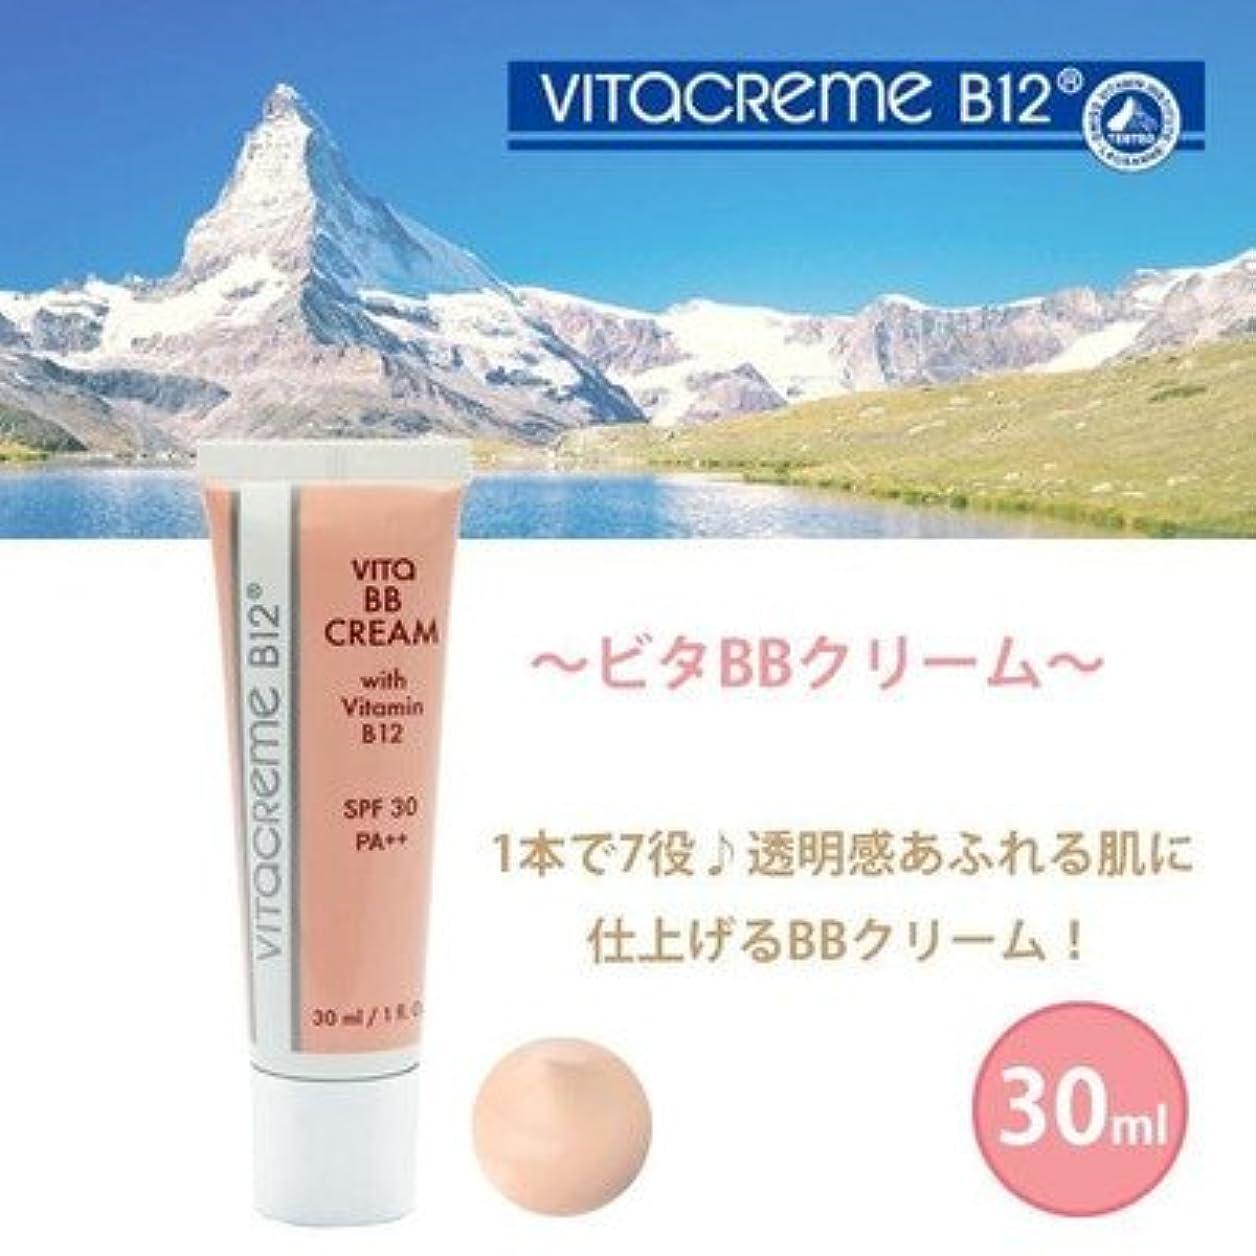 幸運なことに戸惑う構想するビタBBクリーム 30ml 正規品 VTB238